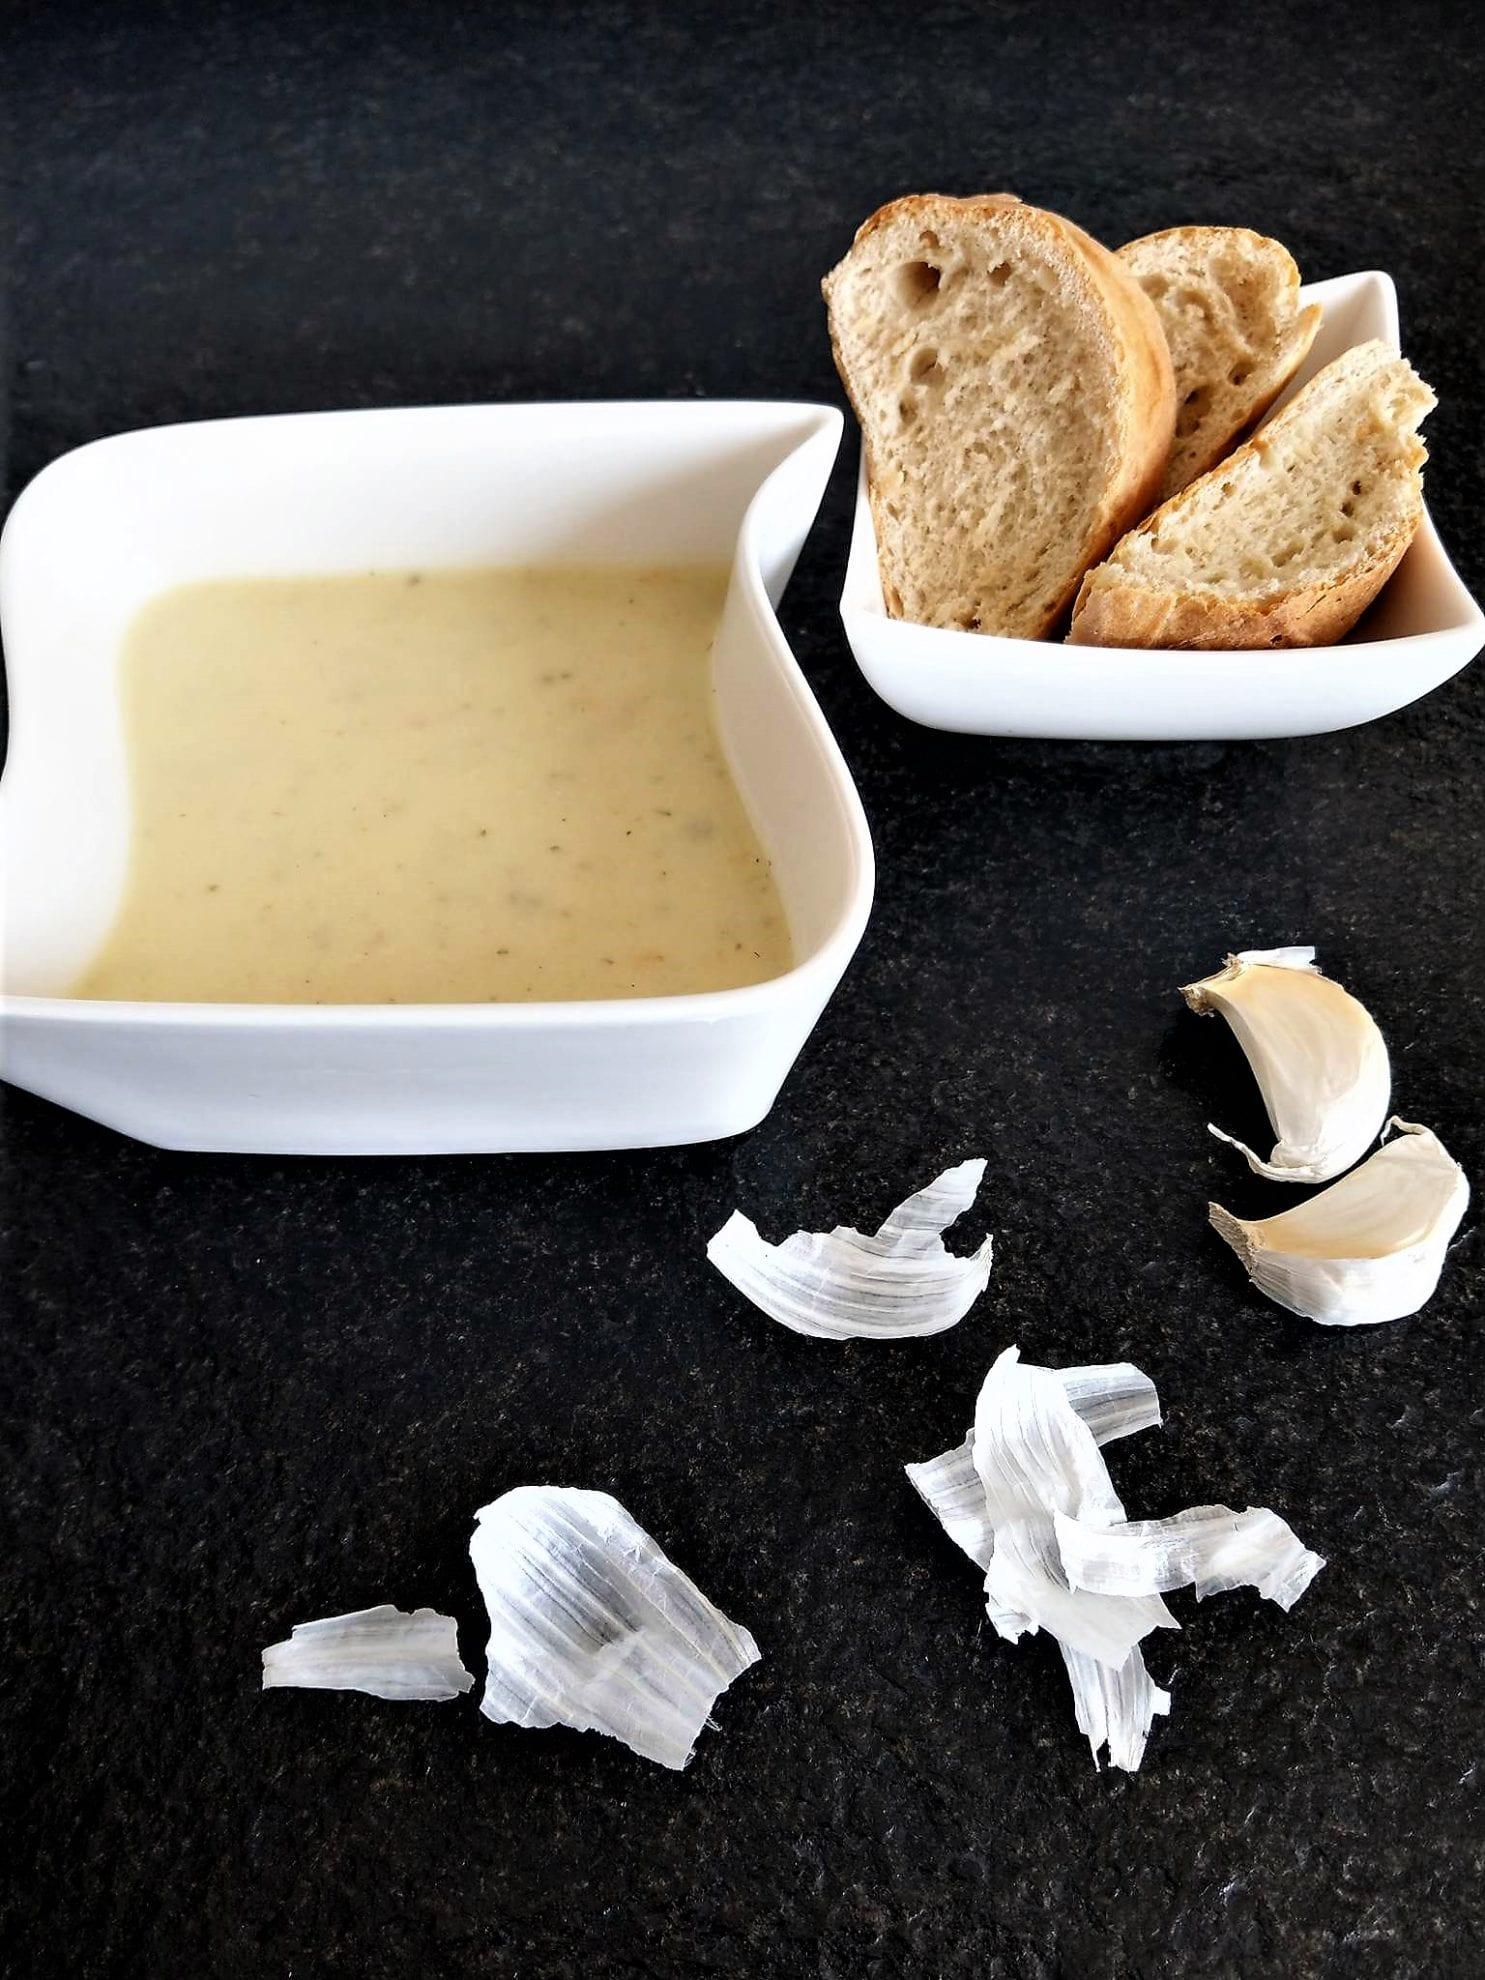 Mit der Knoblauchsuppe bringt man ein Highlight auf den Teller. Einfach und simpel wird sie zubereitet, schmecken tut sie dafür hervorragend.